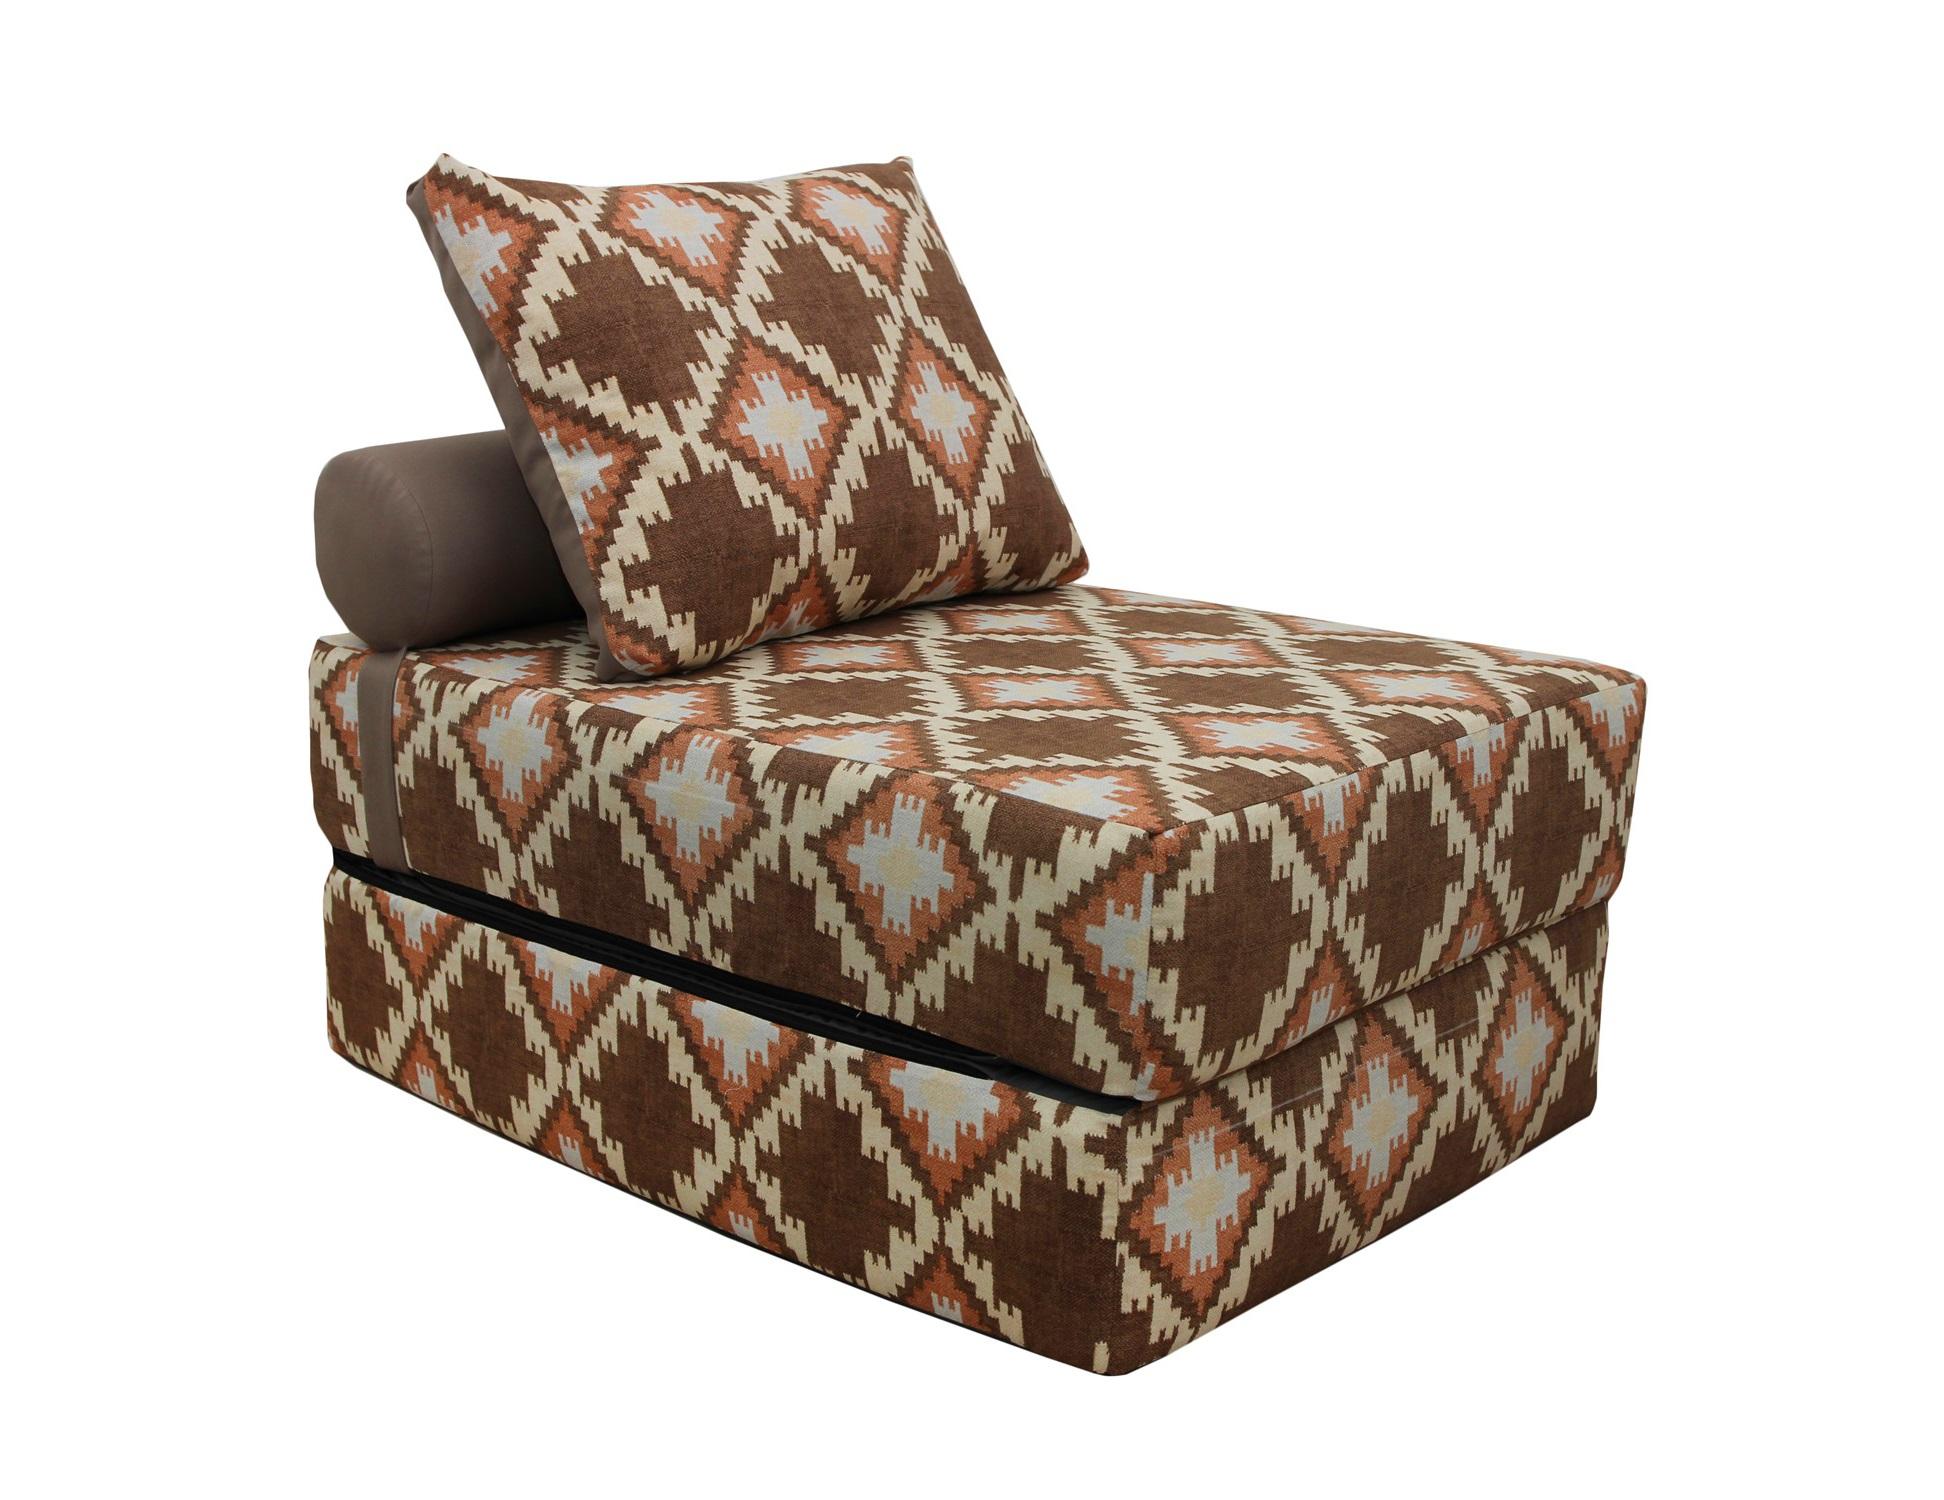 Кресло-кроватьКресла-кровати<br>Уникальное дизайнерское кресло-кровать  станет неотъемлемой частью вашего отдыха. Идеальное решение для интерьеров в стиле Лофт и небольших комнат! Съёмный чехол можно постирать в машине или заменить на новый! А его жесткость оптимальна для полноценного сна! Оригинальный дизайн и эксклюзивный принт создадут комфорт и уют в вашем доме.&amp;amp;nbsp;&amp;lt;div&amp;gt;&amp;lt;br&amp;gt;&amp;lt;/div&amp;gt;&amp;lt;div&amp;gt;В разобранном виде 70х20х200, валик d20х40, подушка 50х70 см.&amp;lt;/div&amp;gt;<br><br>Material: Текстиль<br>Length см: None<br>Width см: 100<br>Depth см: 75<br>Height см: 40